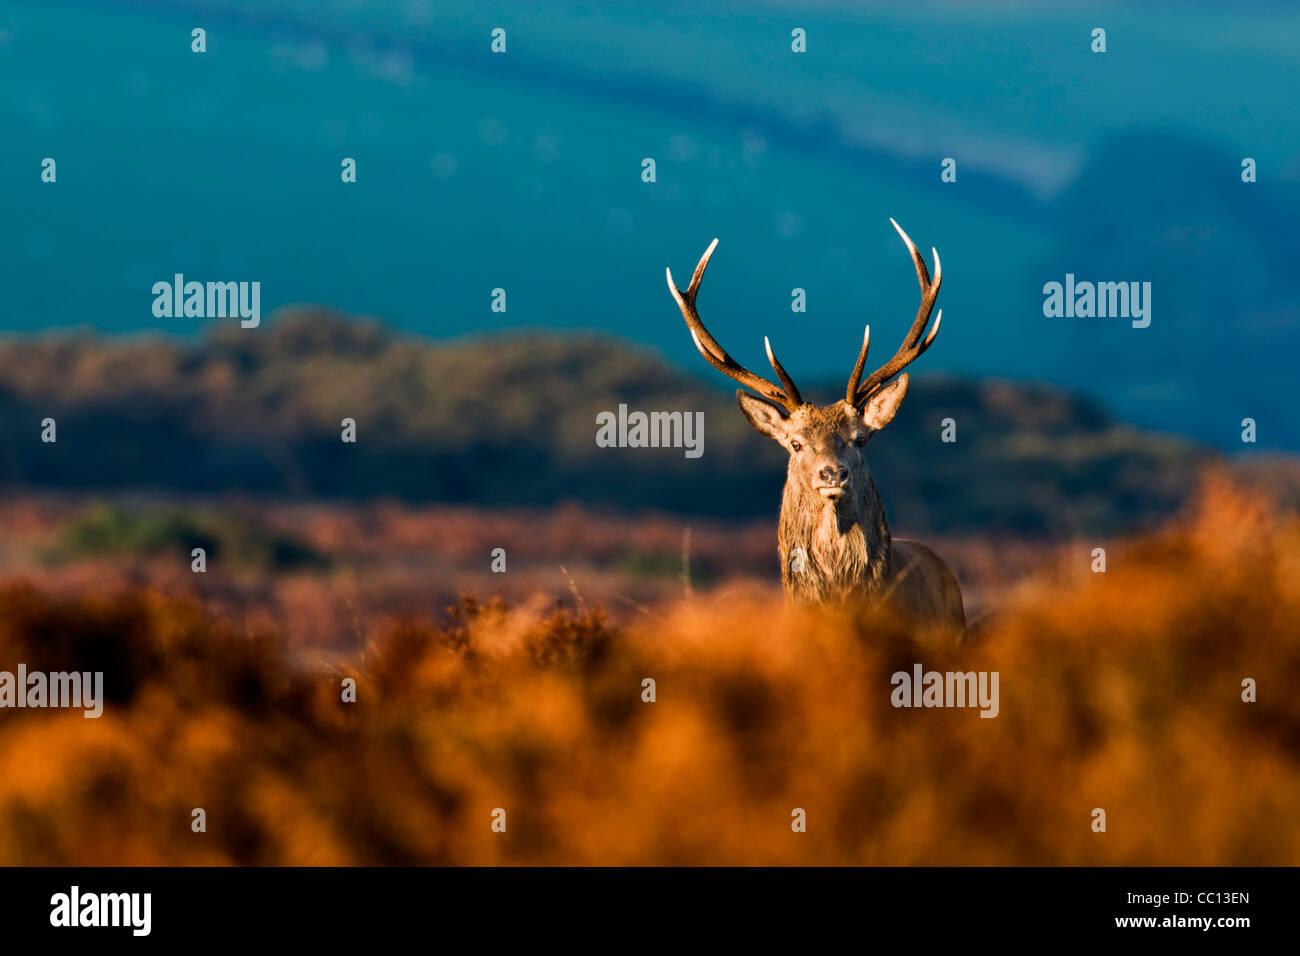 Ciervo ciervo en luz dorada del sol Imagen De Stock